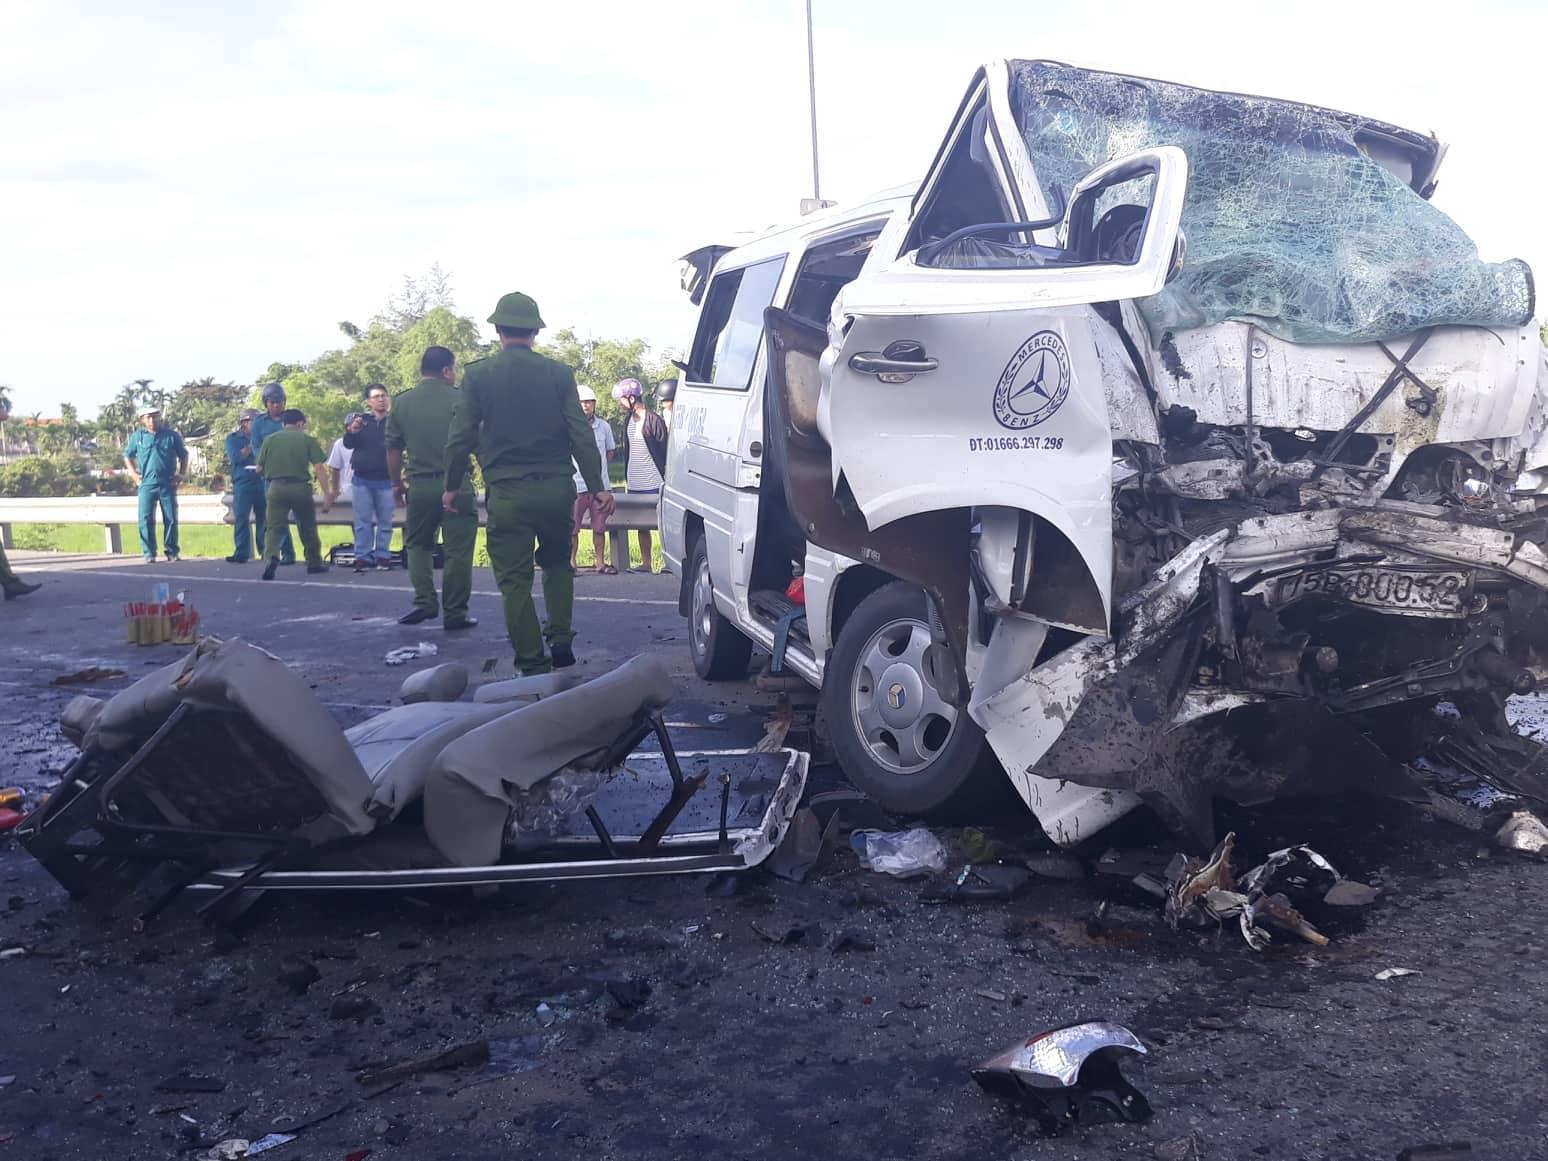 Vụ tai nạn 13 người chết ở Quảng Nam: Tiếng khóc xé lòng tại hiện trường - Ảnh 3